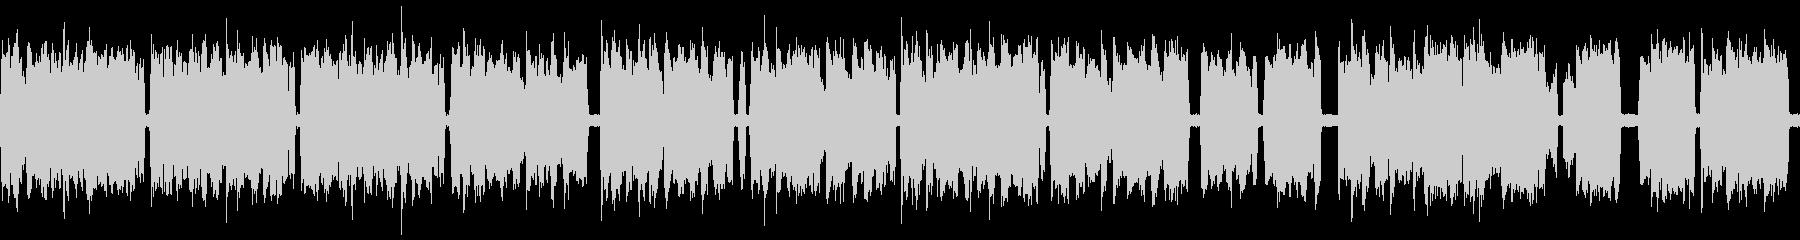 アコーディオンでほのぼのしたBGMの未再生の波形